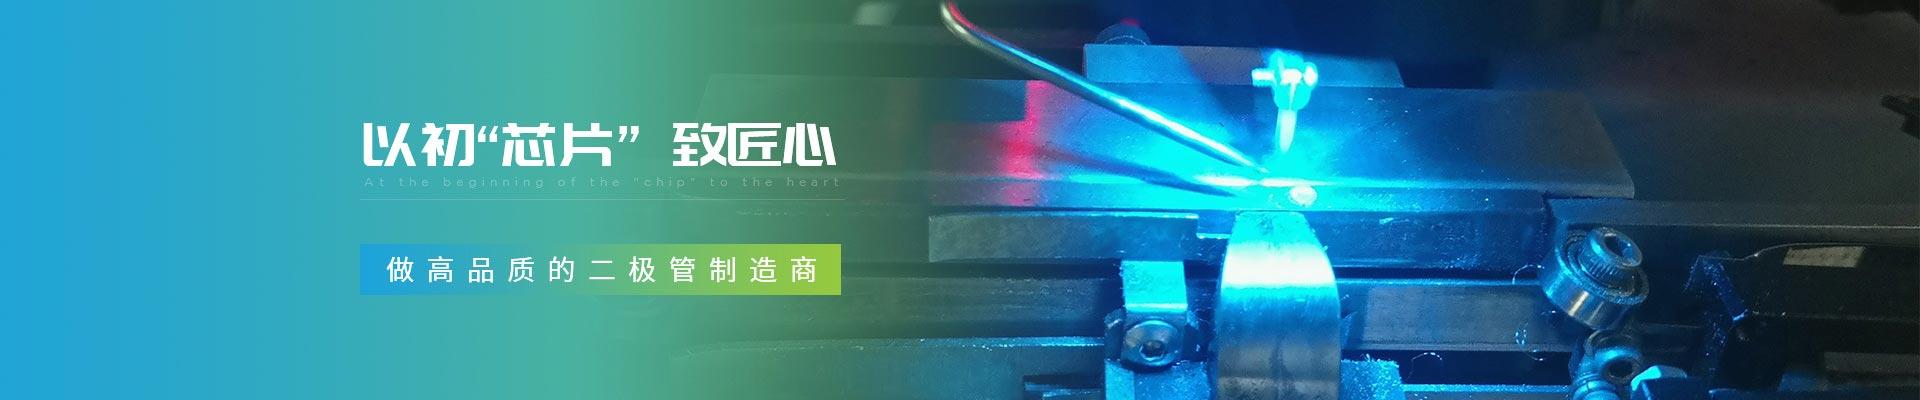 """东颖光电-以初""""芯片"""",致匠心,做高品质的二极管制造商"""